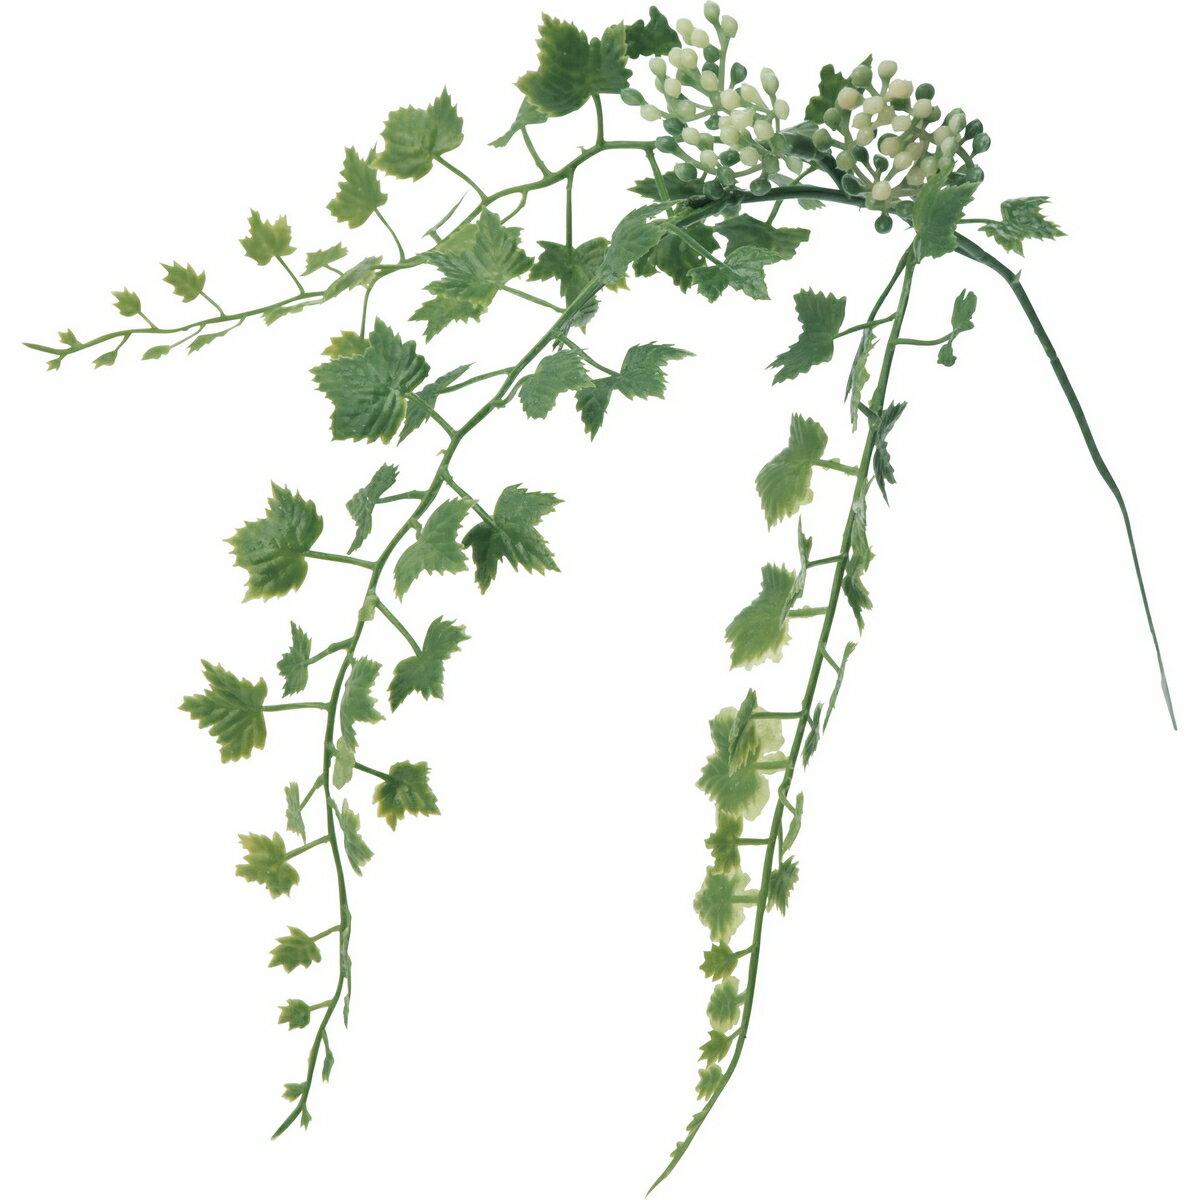 【造花】YDM/ミニグレープピック グリーン/FG4706-GR【01】【01】【取寄】《 造花(アーティフィシャルフラワー) 造花葉物、フェイクグリーン グレープ 》